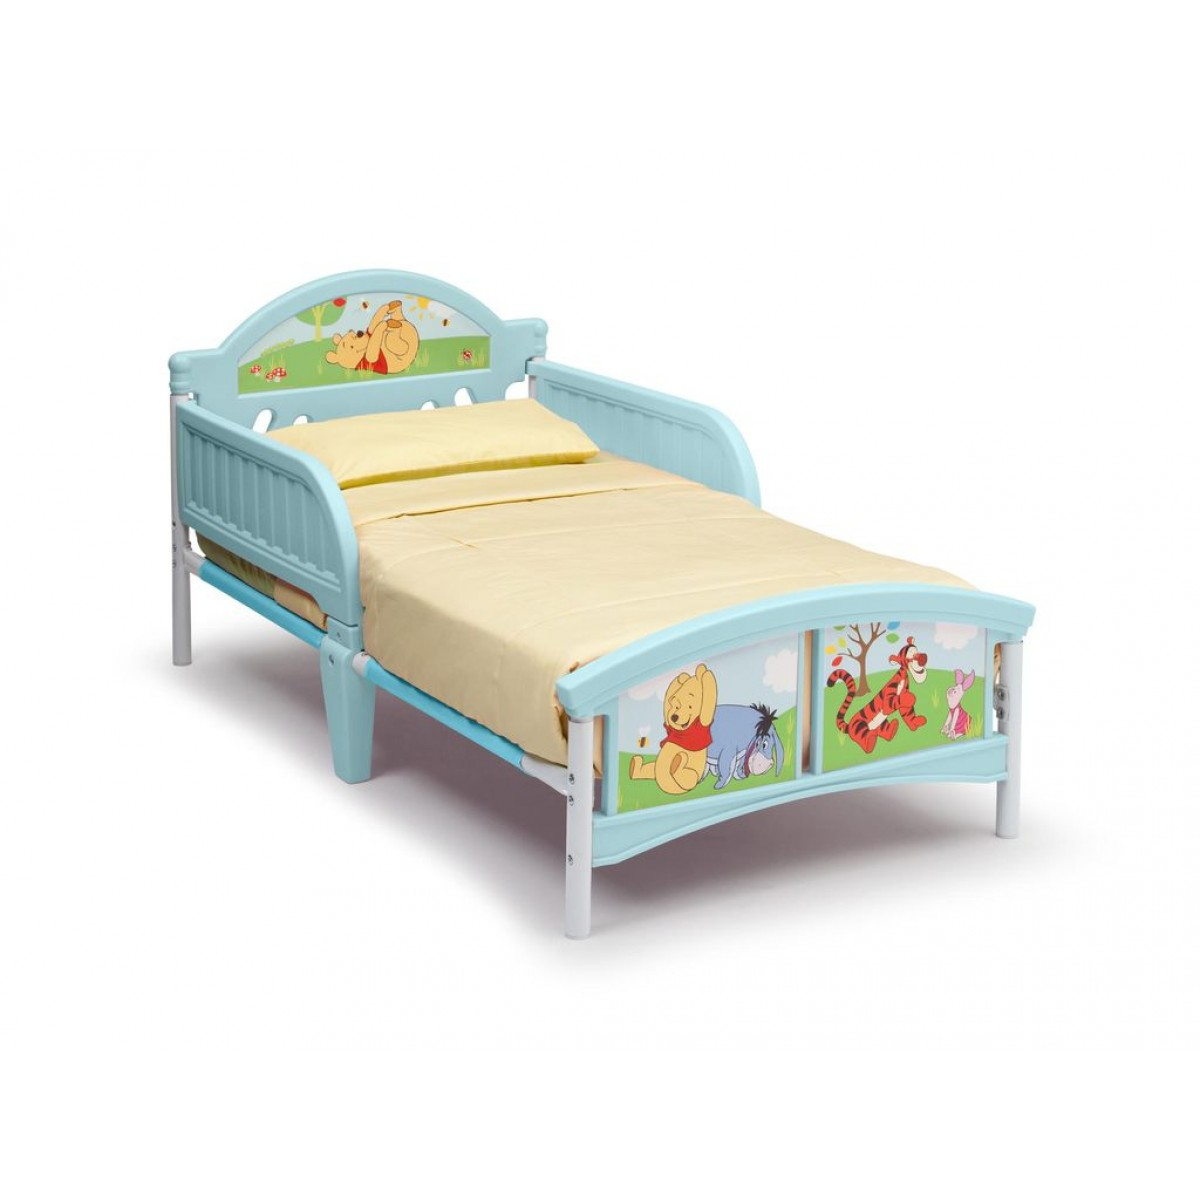 kinderbett winnie pooh. Black Bedroom Furniture Sets. Home Design Ideas